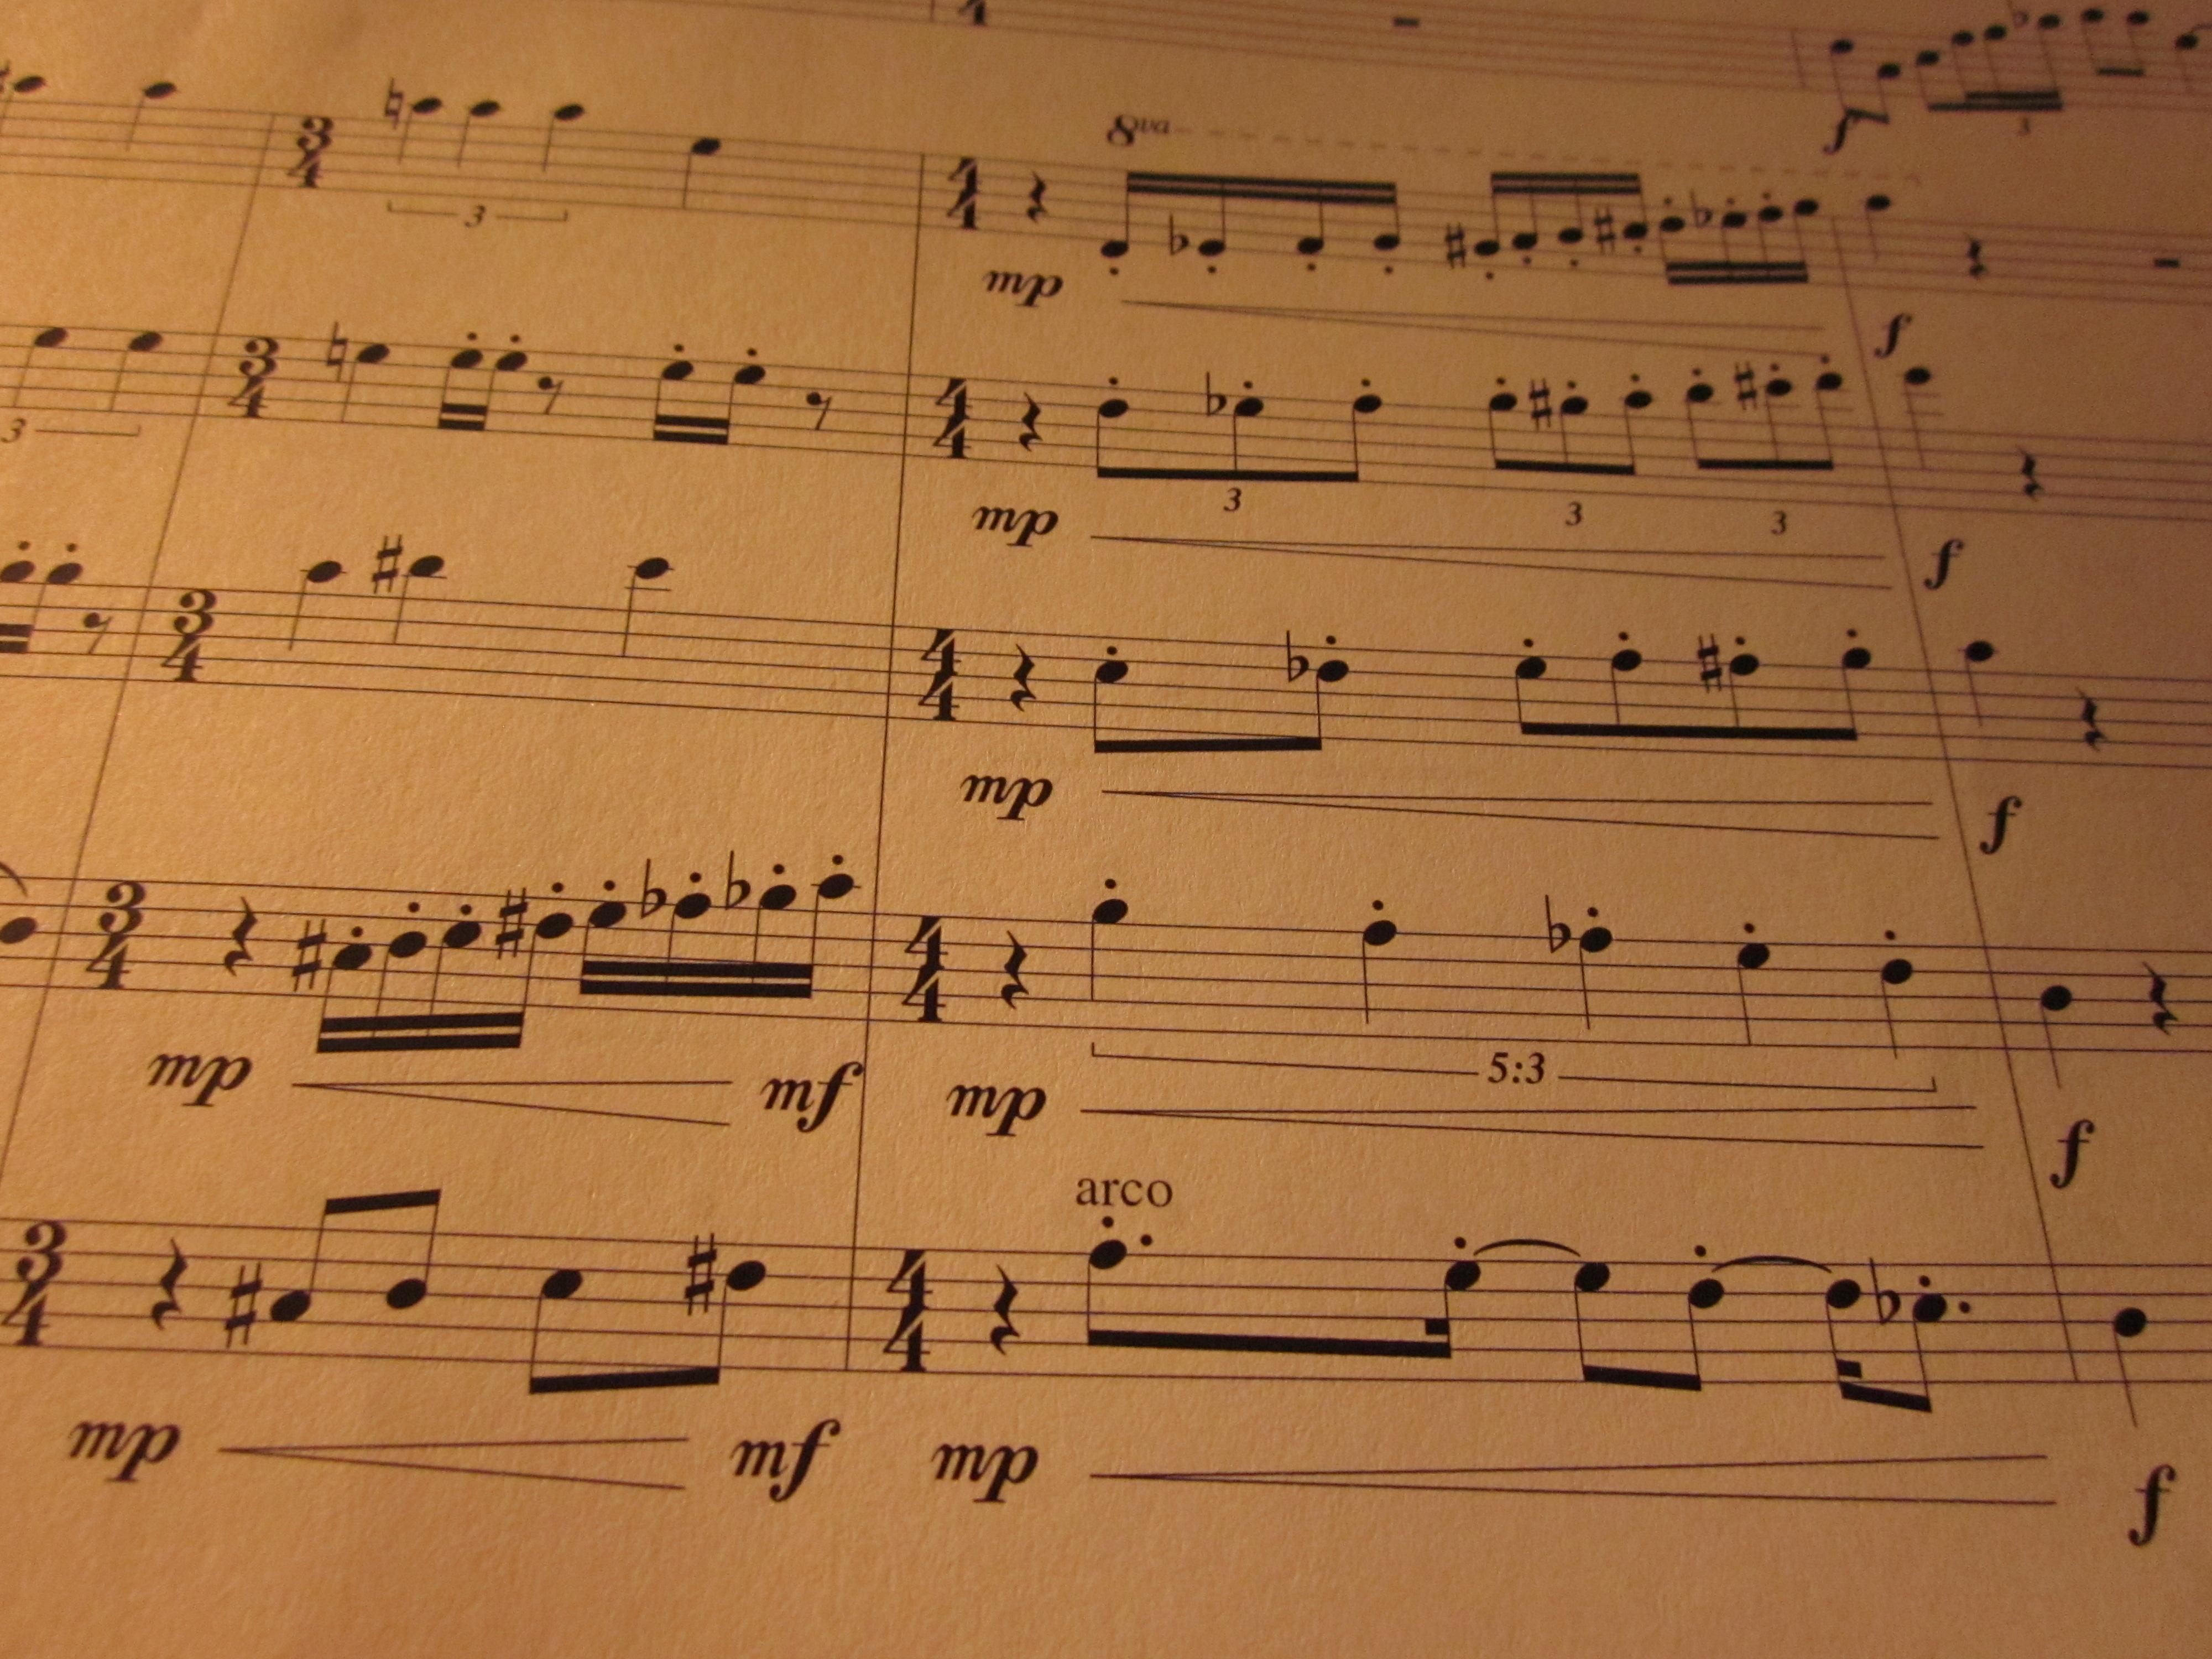 Buller flute concerto: excerpt